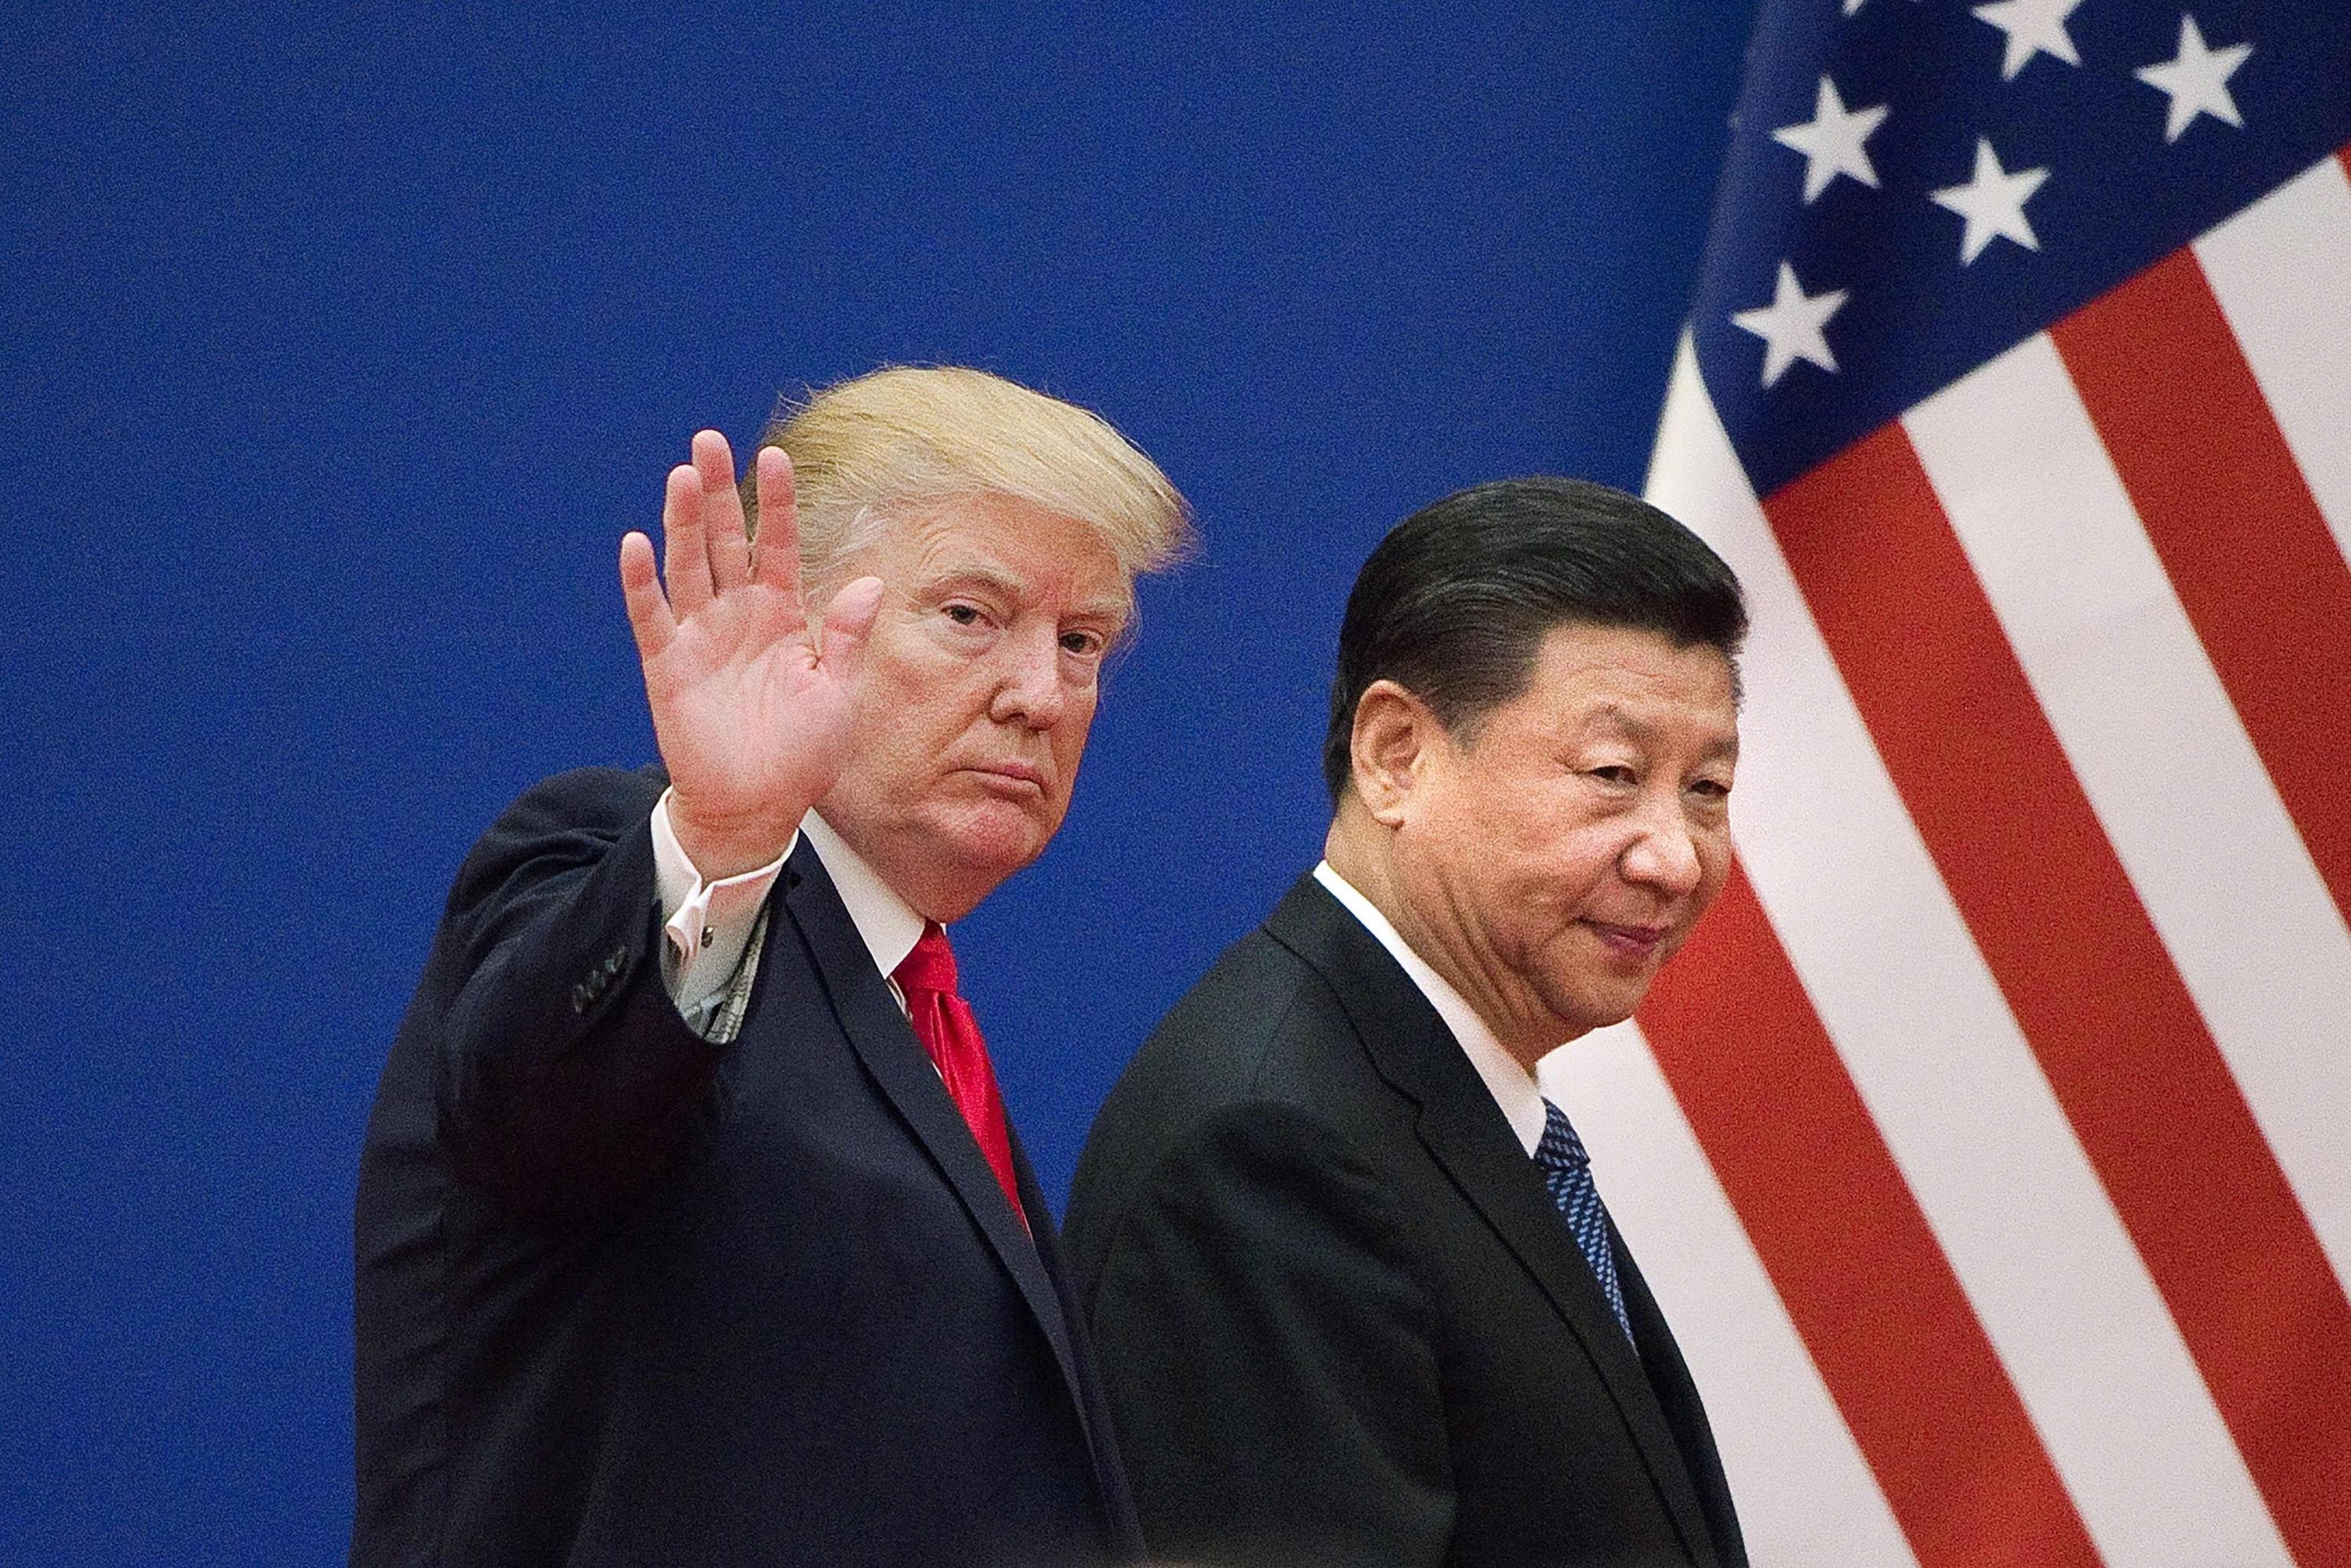 Imagen de archivo del 9 de noviembre de 2017 muestra al presidente de los Estados Unidos Donald Trump y al presidente de China Xi Jinping. (Foto: AFP)